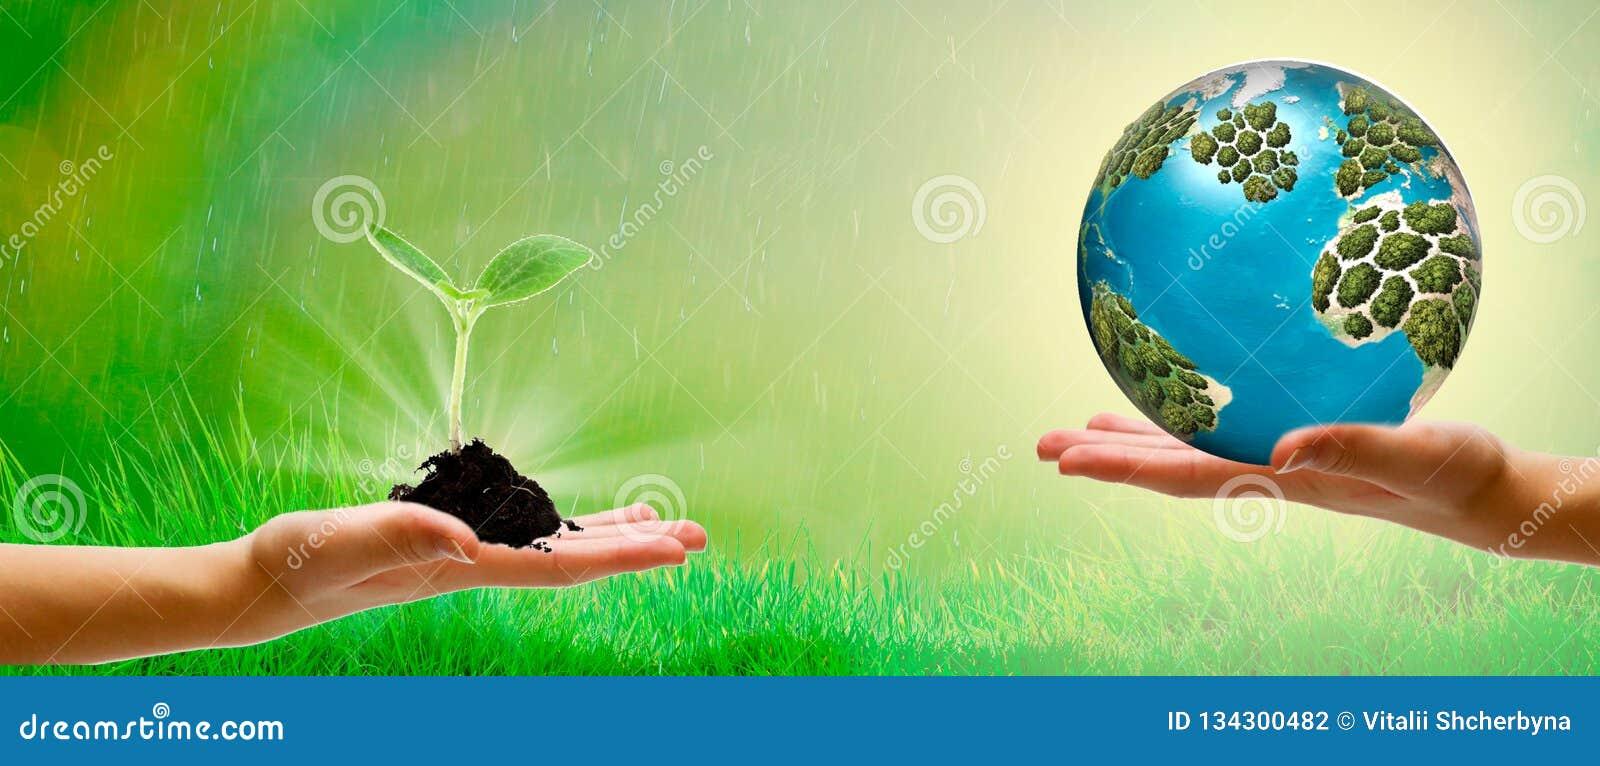 Jordbruk växande växter Växtplanta Handen som fostrar och bevattnar som är ung, behandla som ett barn växter som växer i groendef